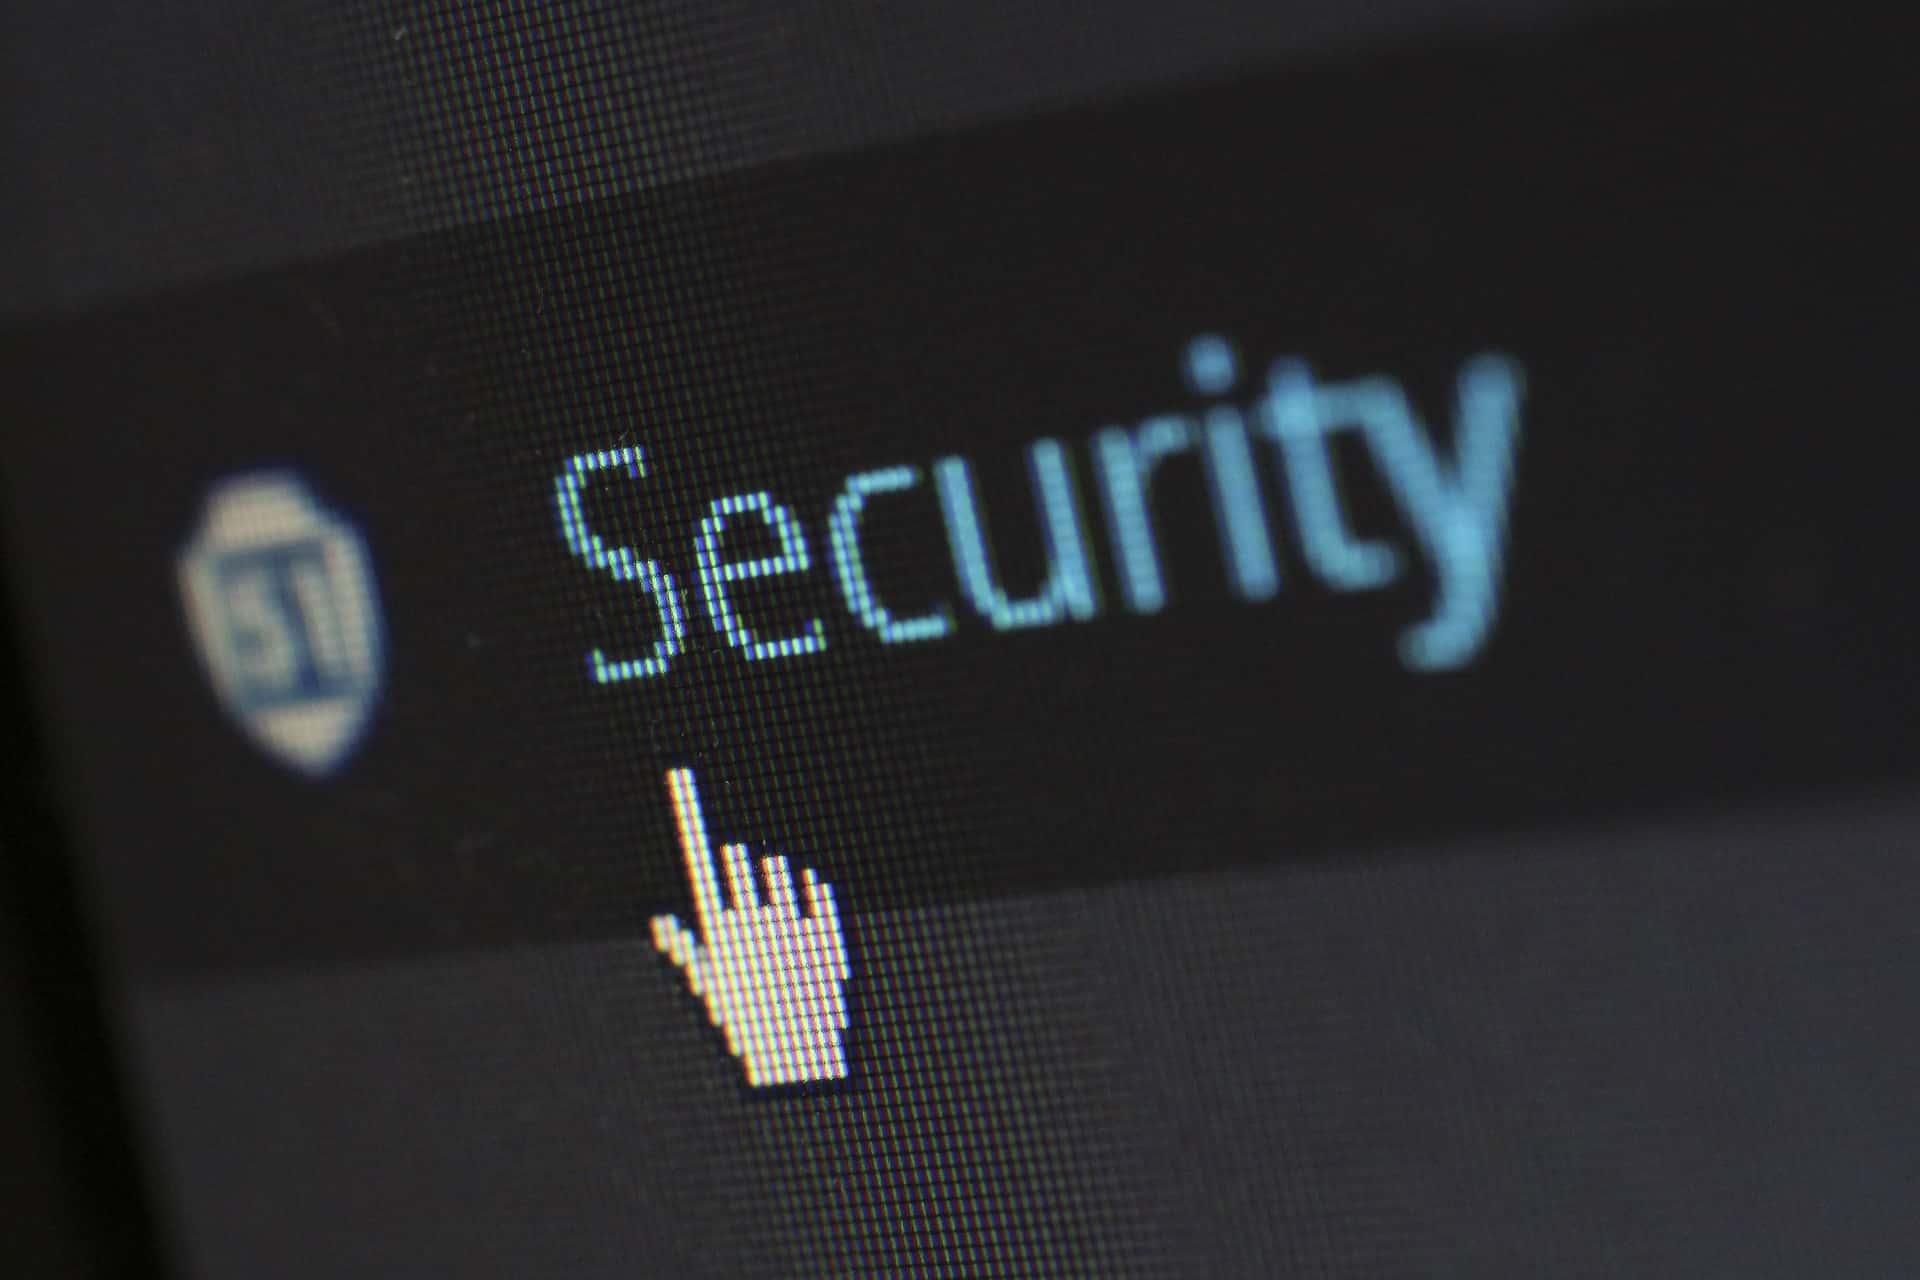 È in giro la nuova versione di Cryptolocker, vediamo come difendersi dal virus